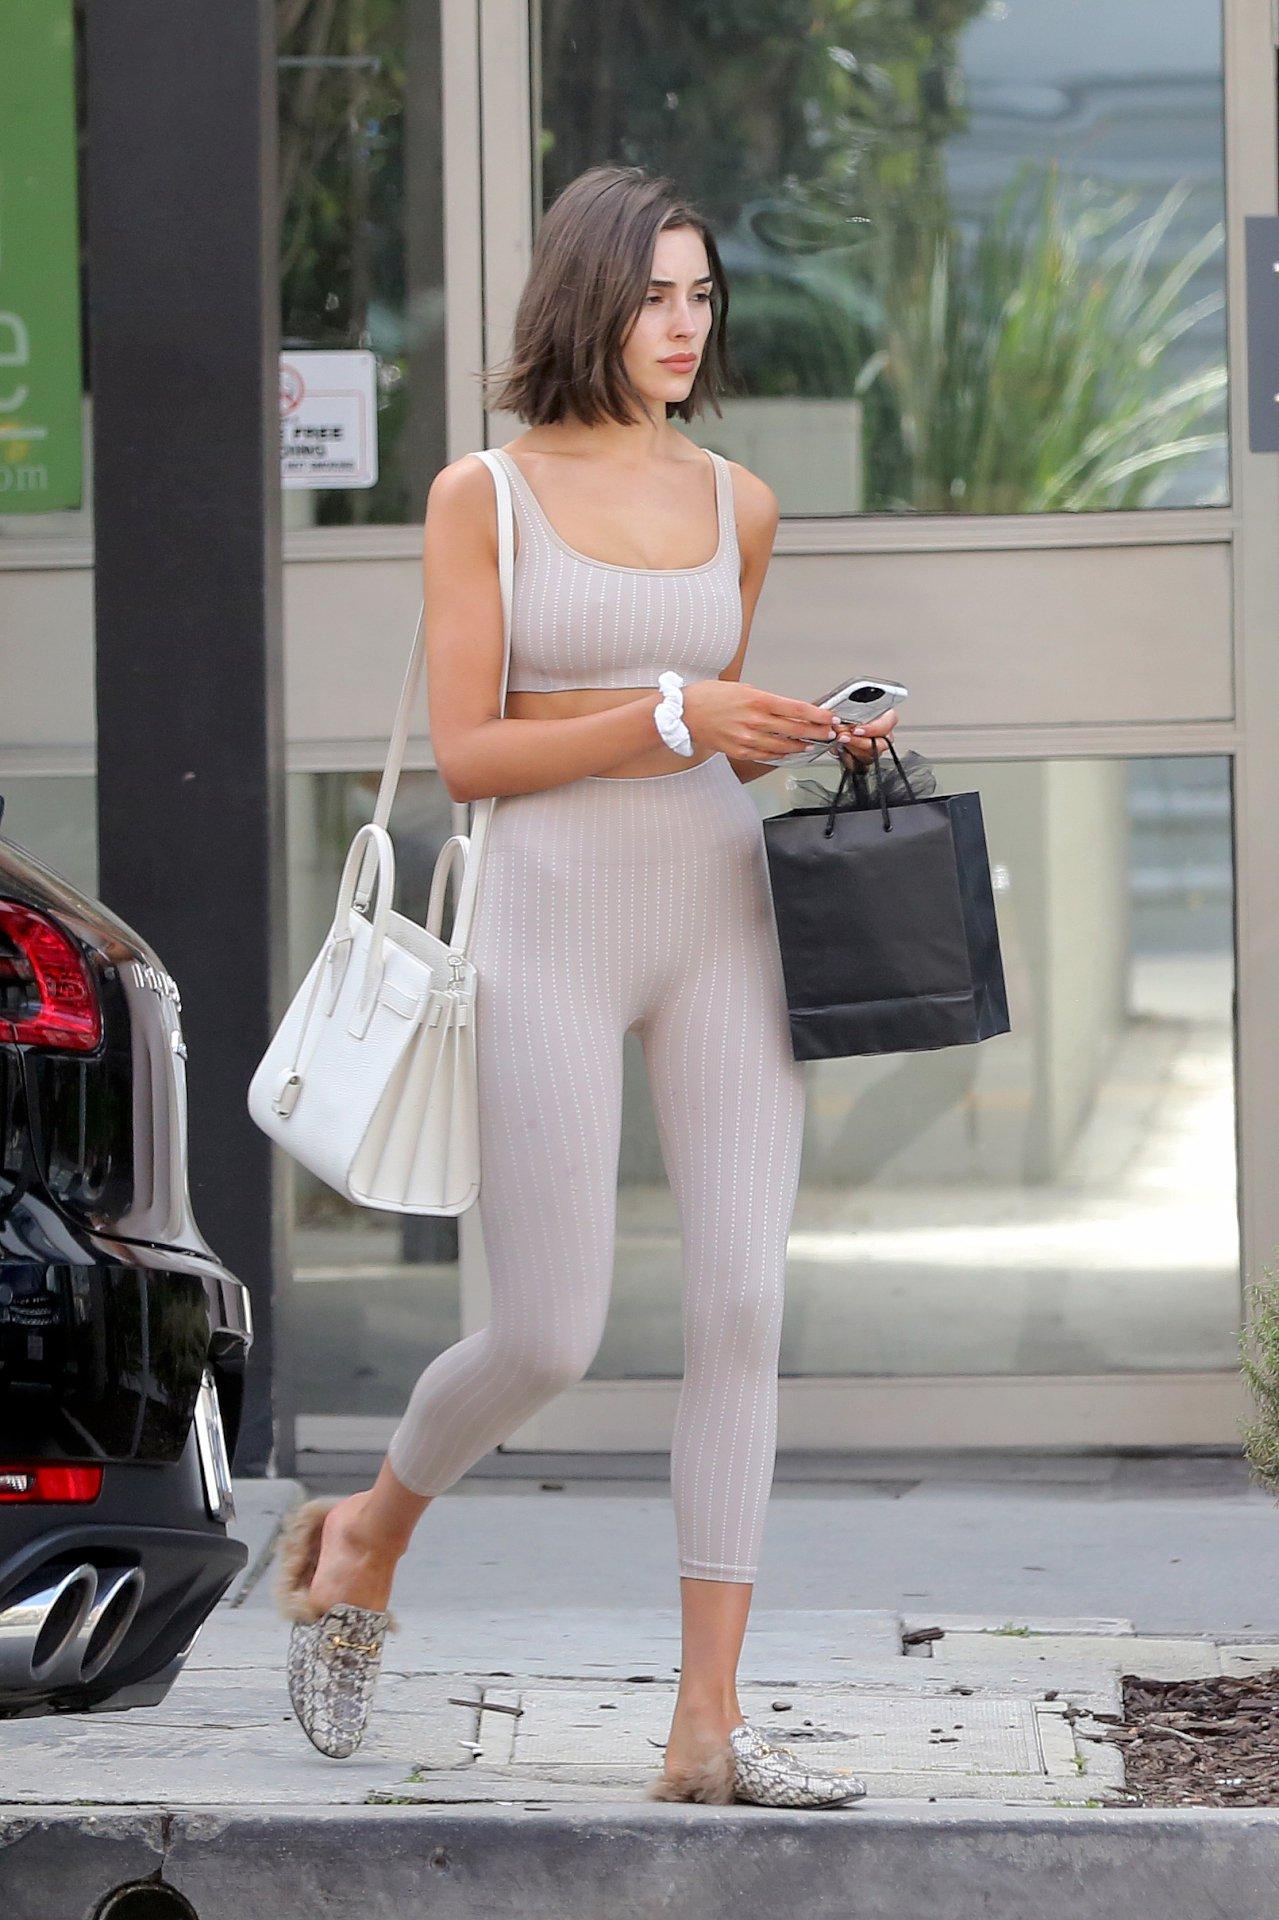 Olivia Culpo Sexy Fit Body